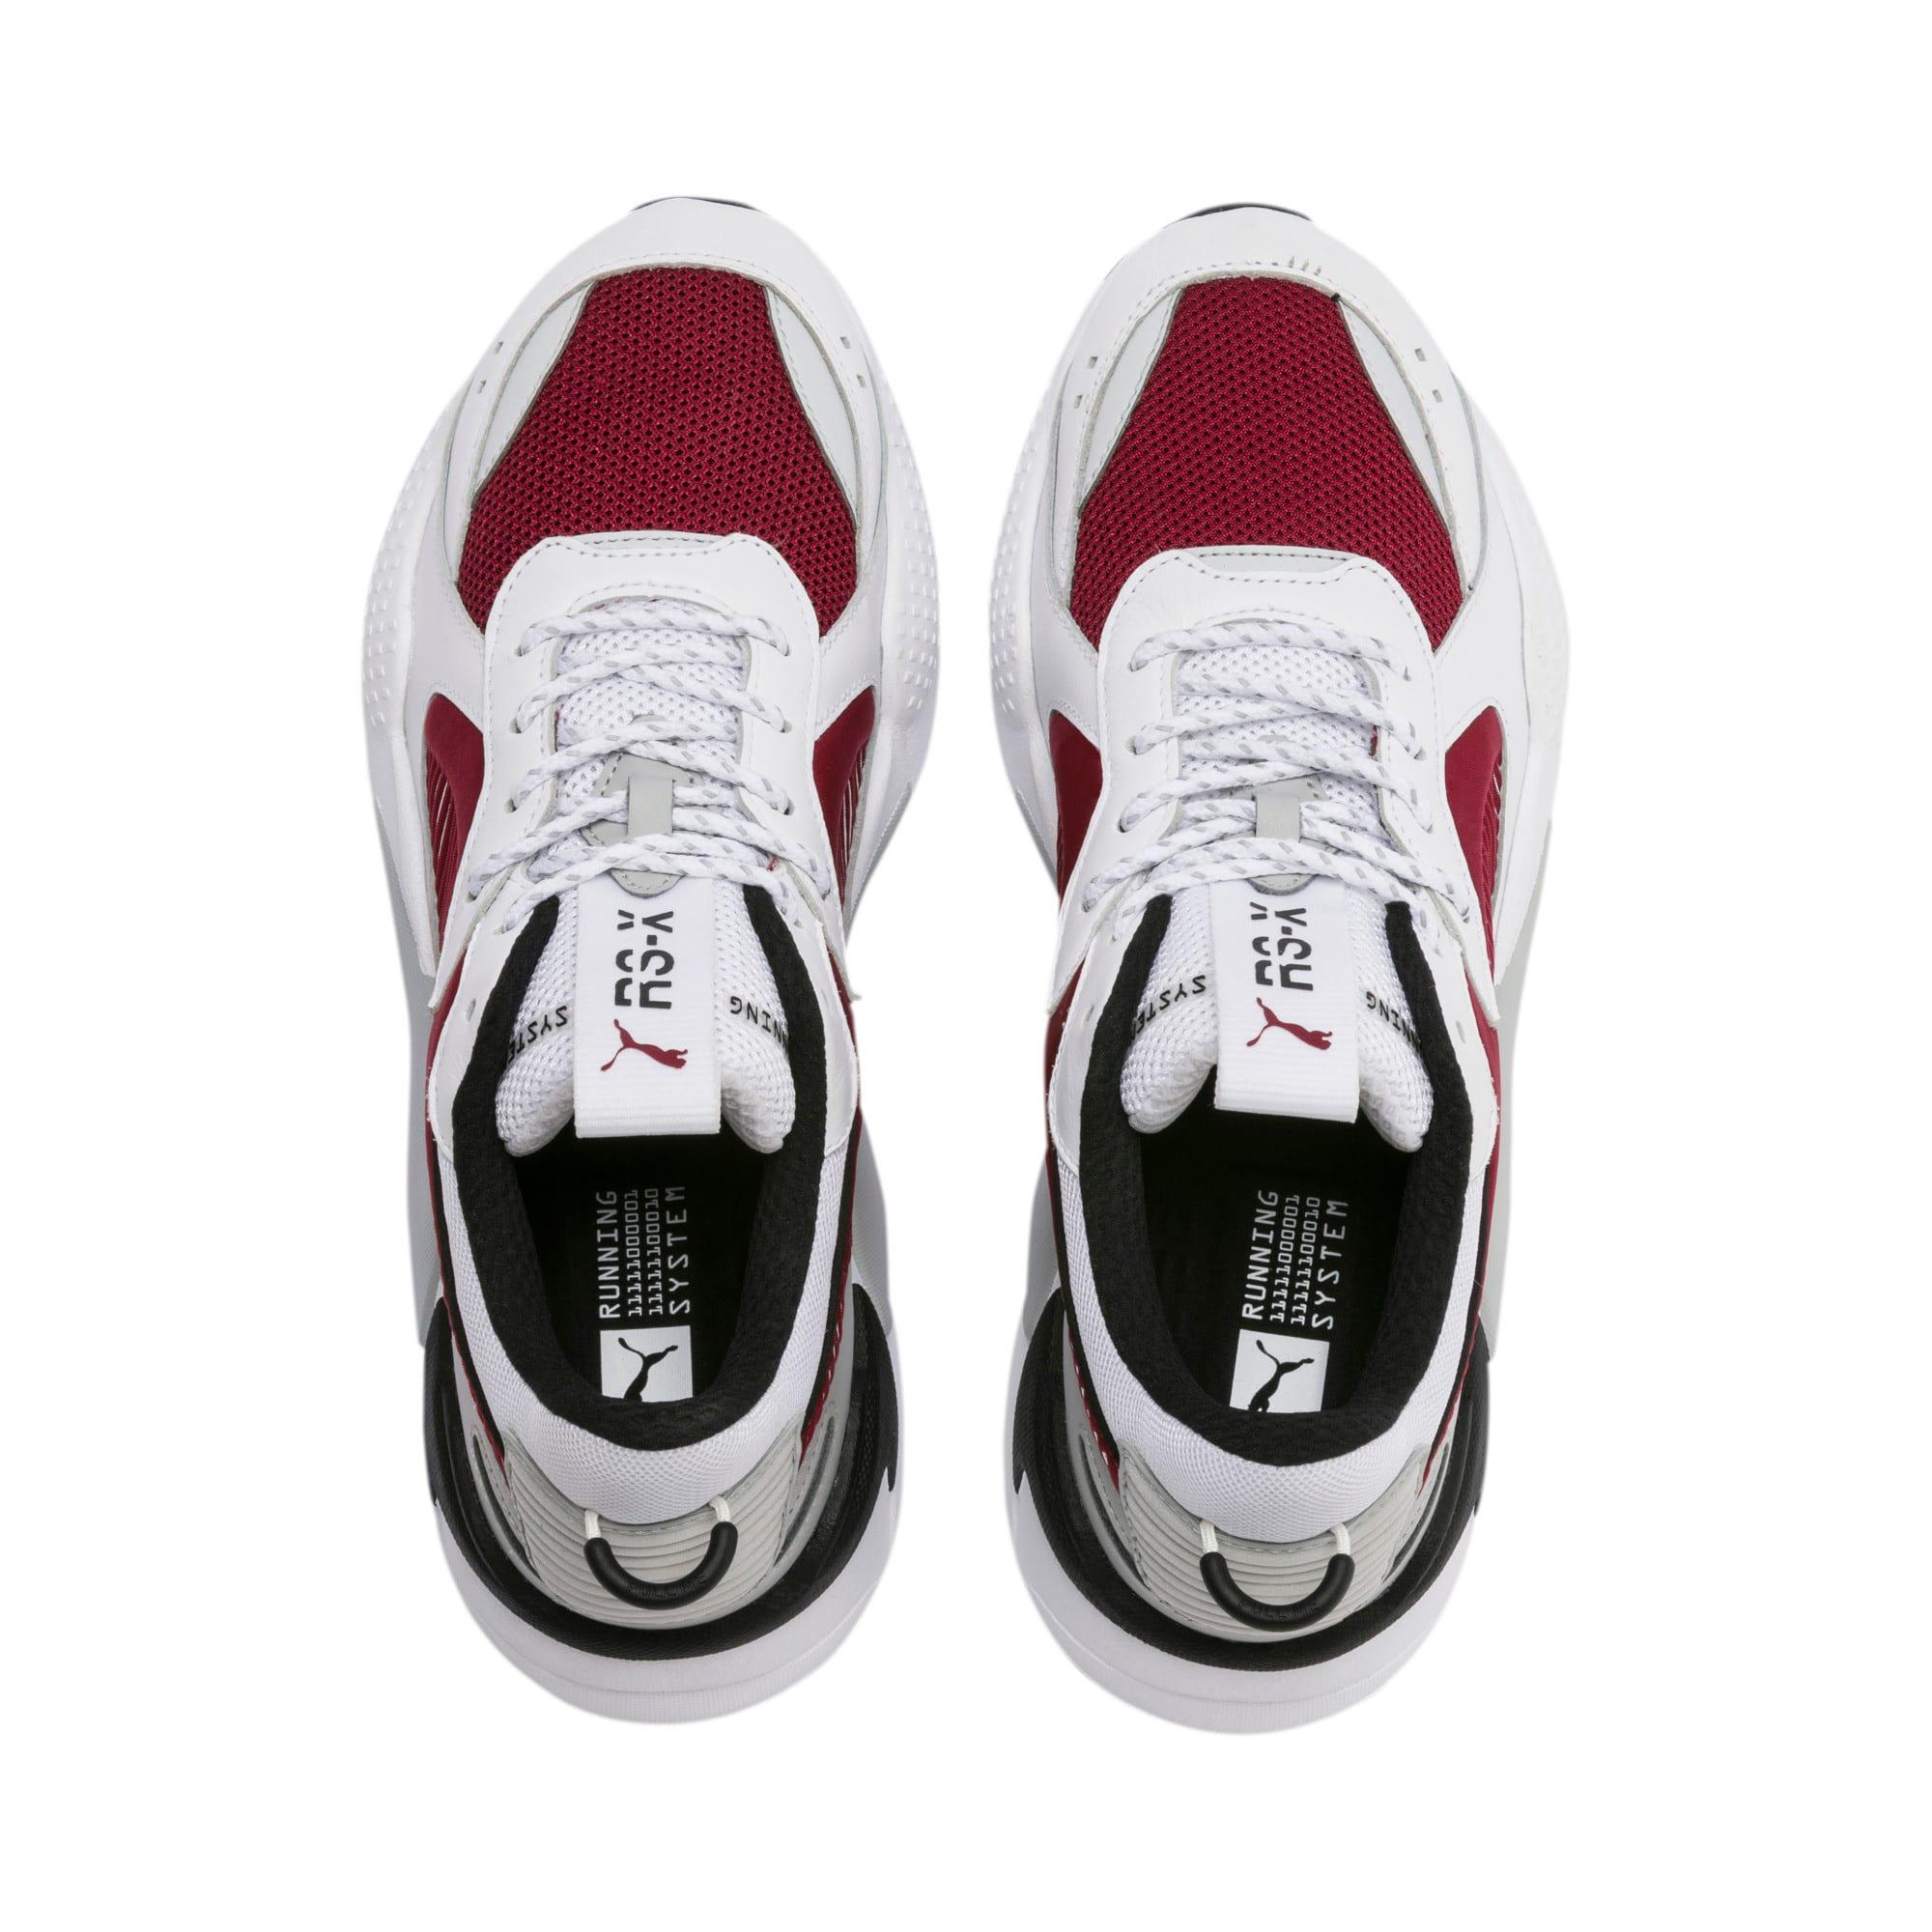 Thumbnail 7 of RS-X Sneaker, Puma White-Rhubarb, medium